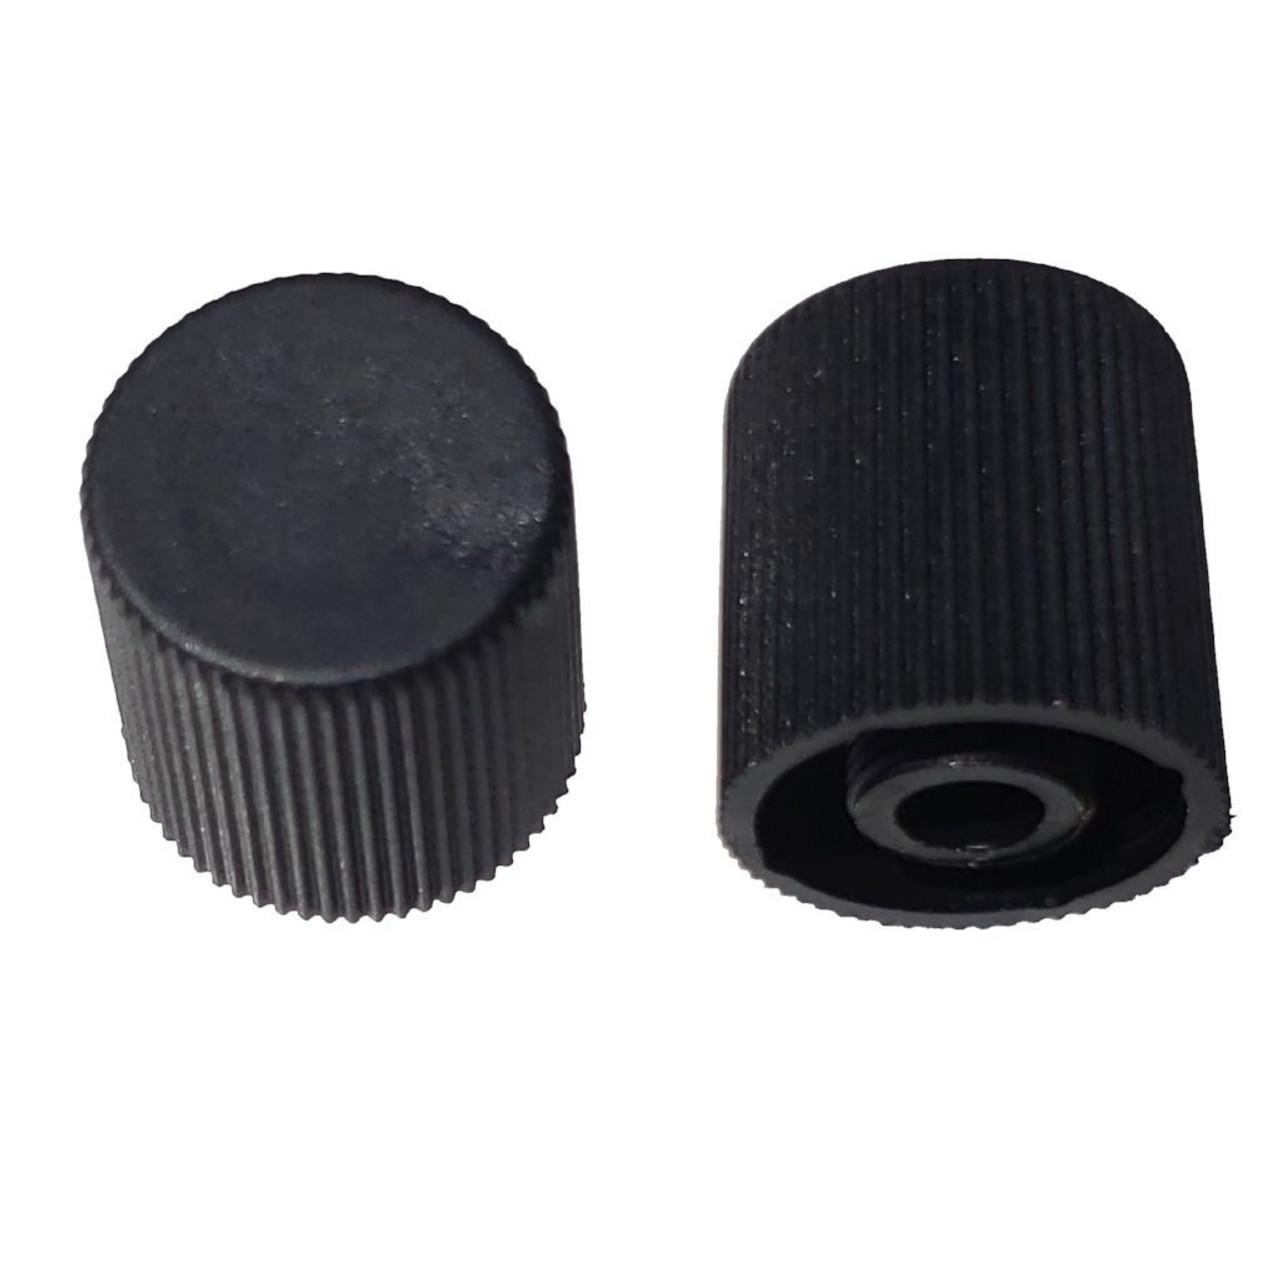 AC Service Valve Cap - Black High Side M10x0.75 - Interchanges: MT0068, 59938